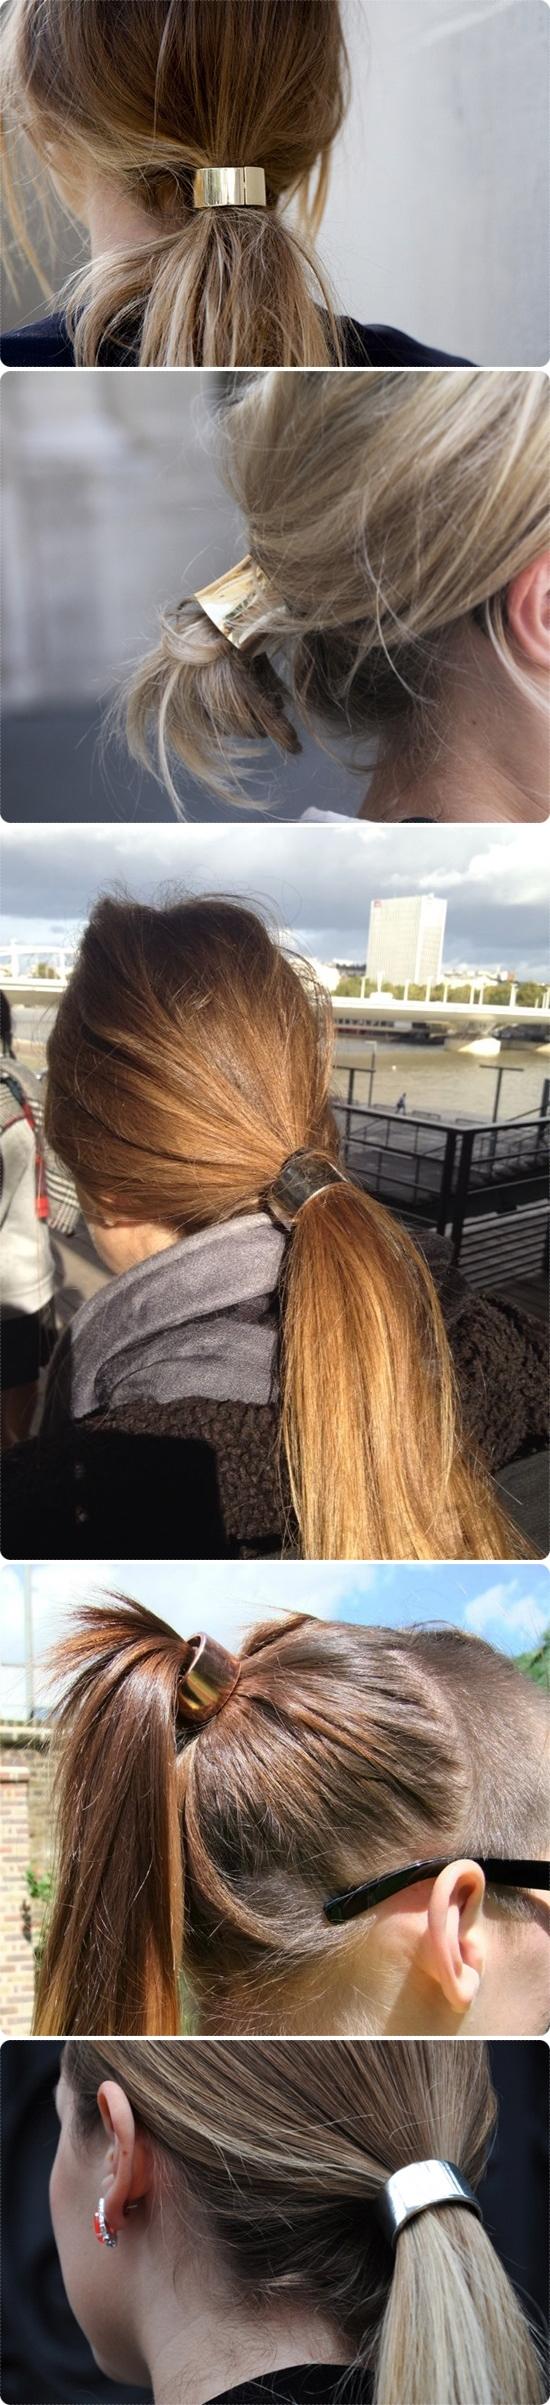 Bisbilhoteiras | Blog | Trend: hair cuff